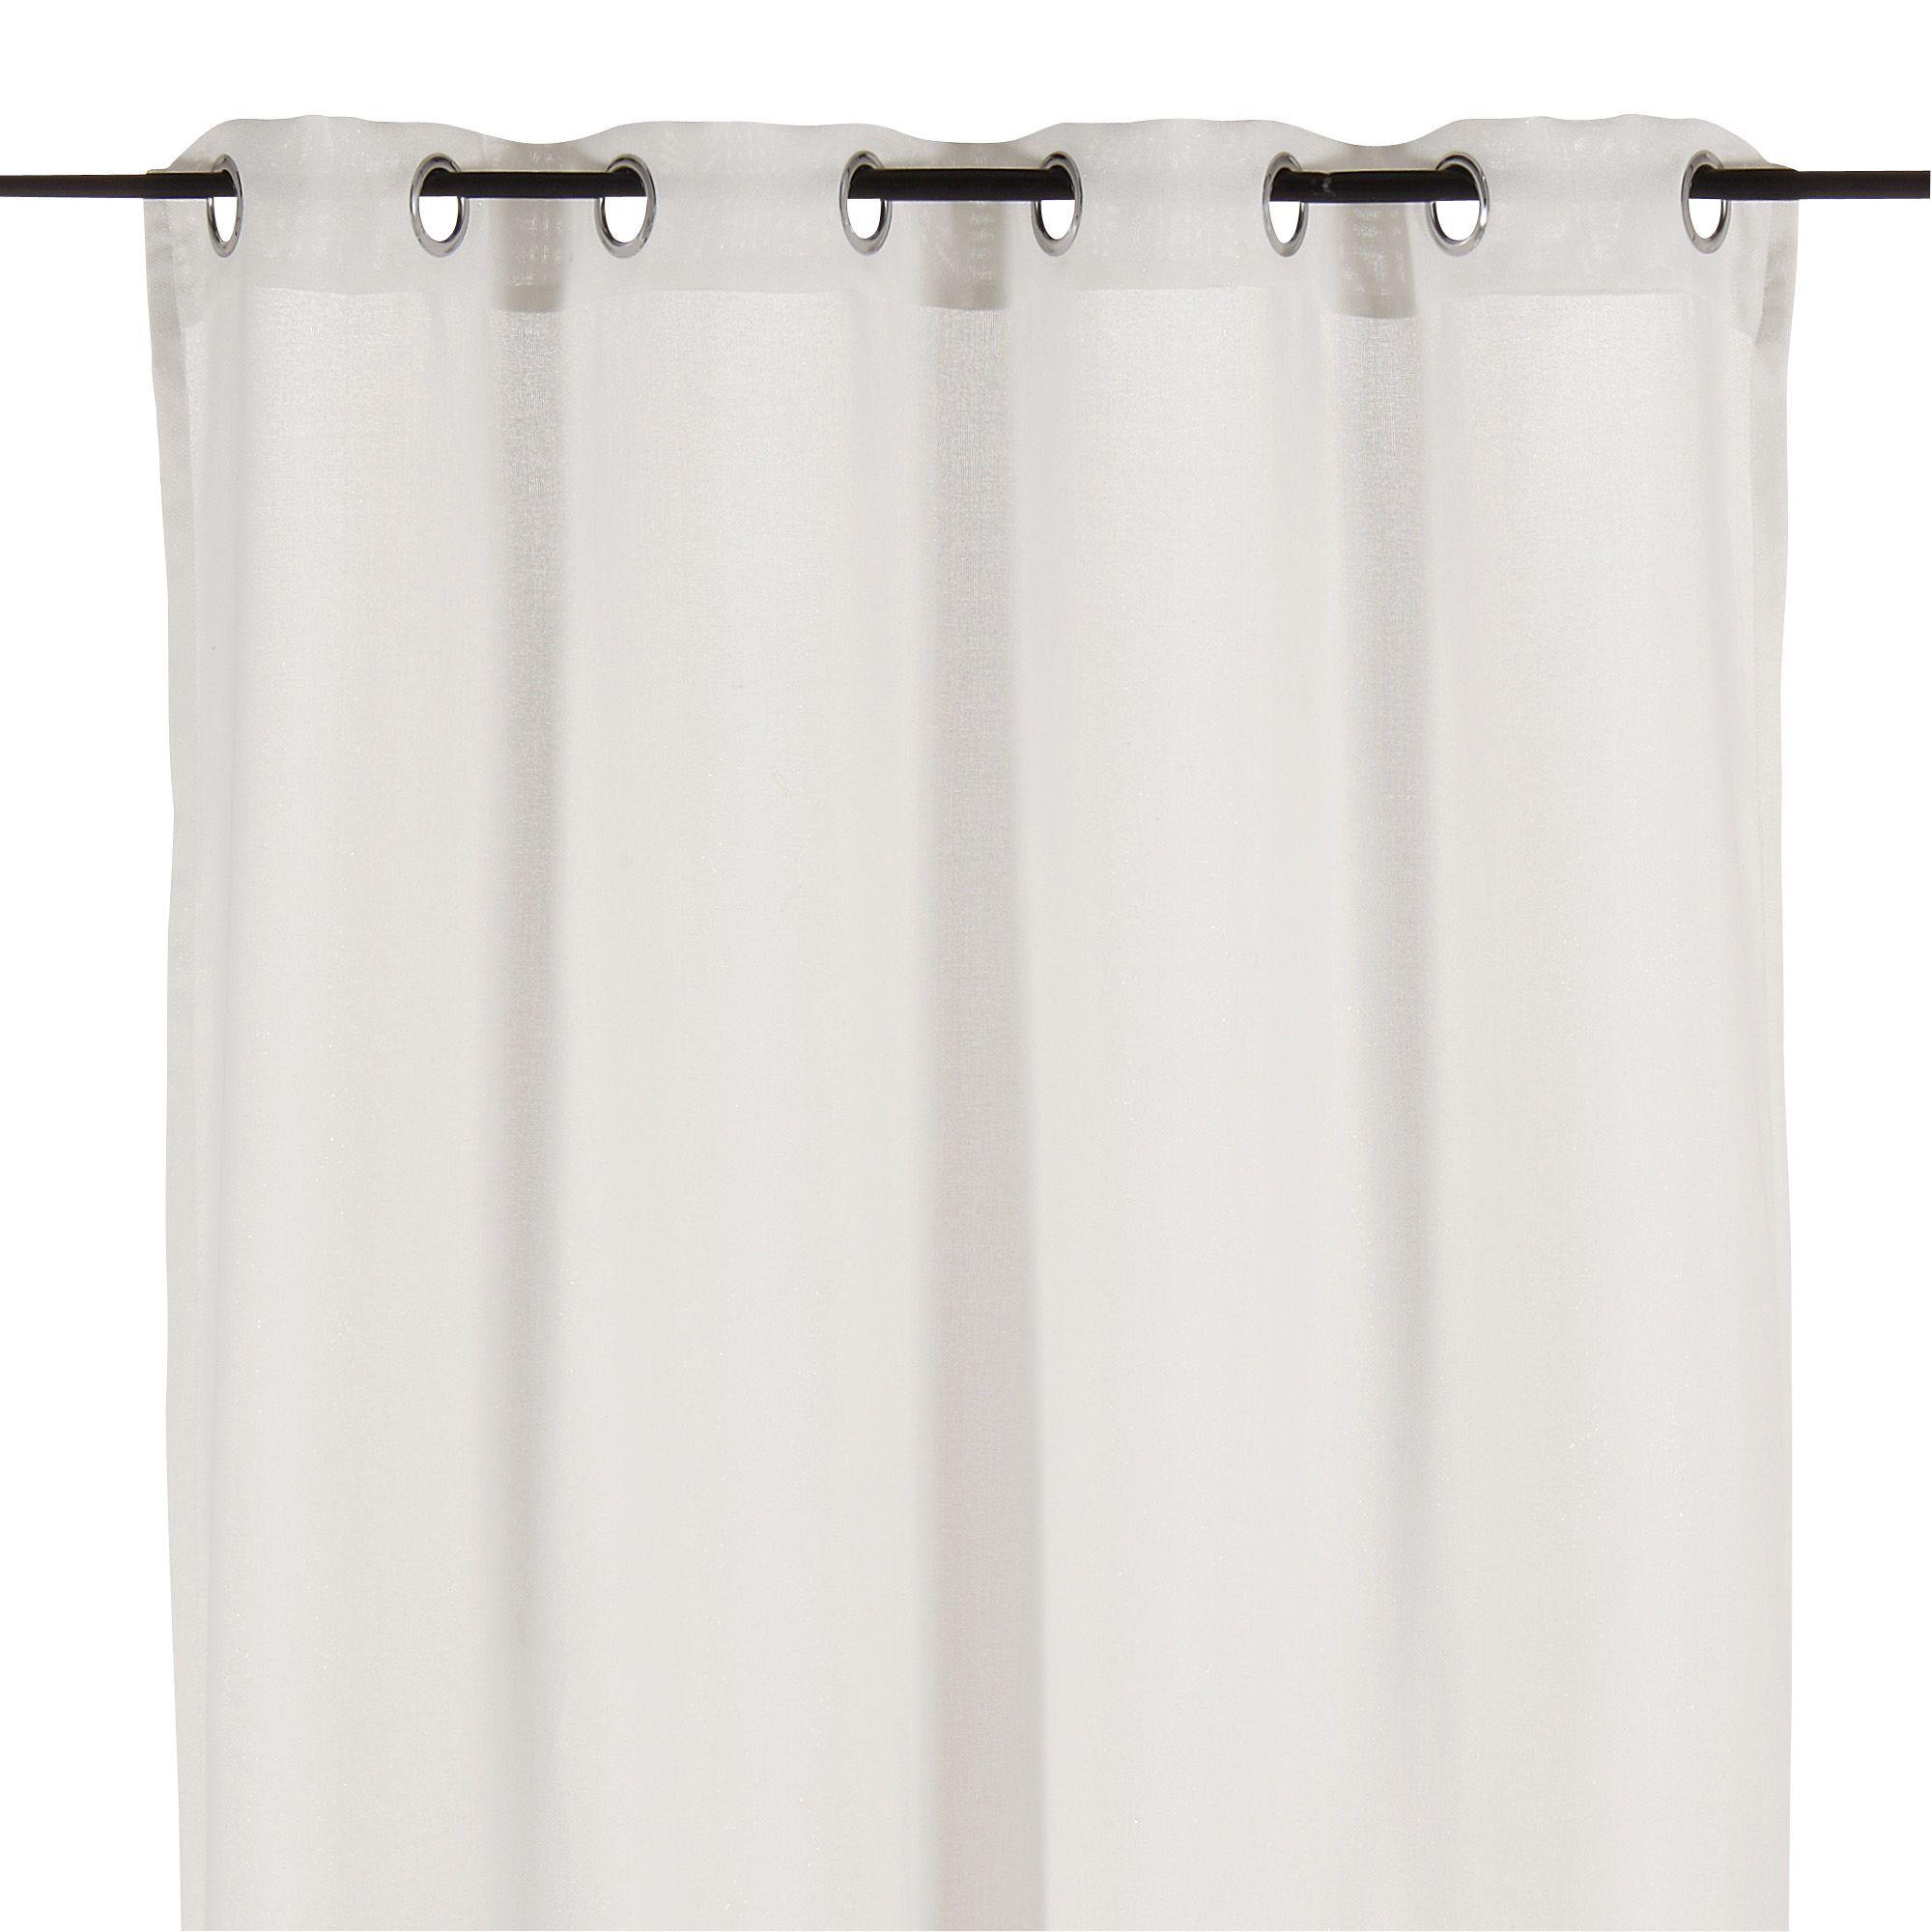 Magasin Salle De Bain Valenciennes ~ rideau illets 140x250cm blanc monroe les rideaux rideaux